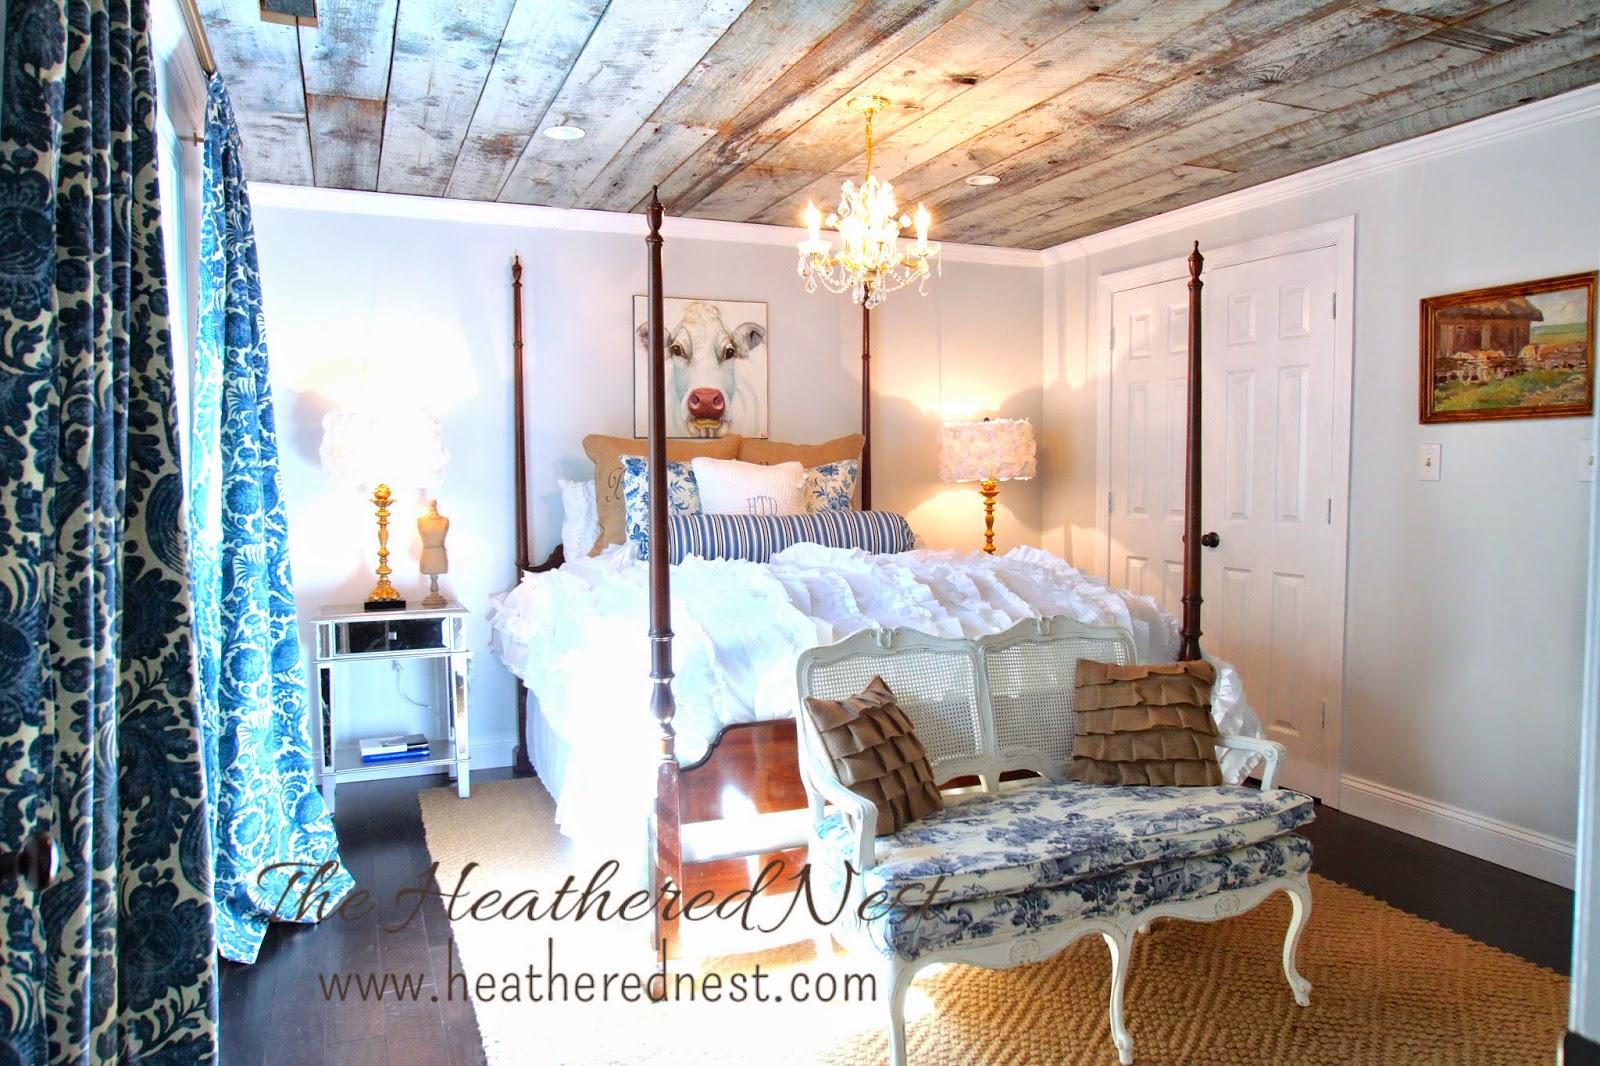 heathered nest guest room, heathered nest modern country bedroom, heathered nest be our guest, urban country design, modern country design, barnboard ceiling, toile, burlap, sisal rug